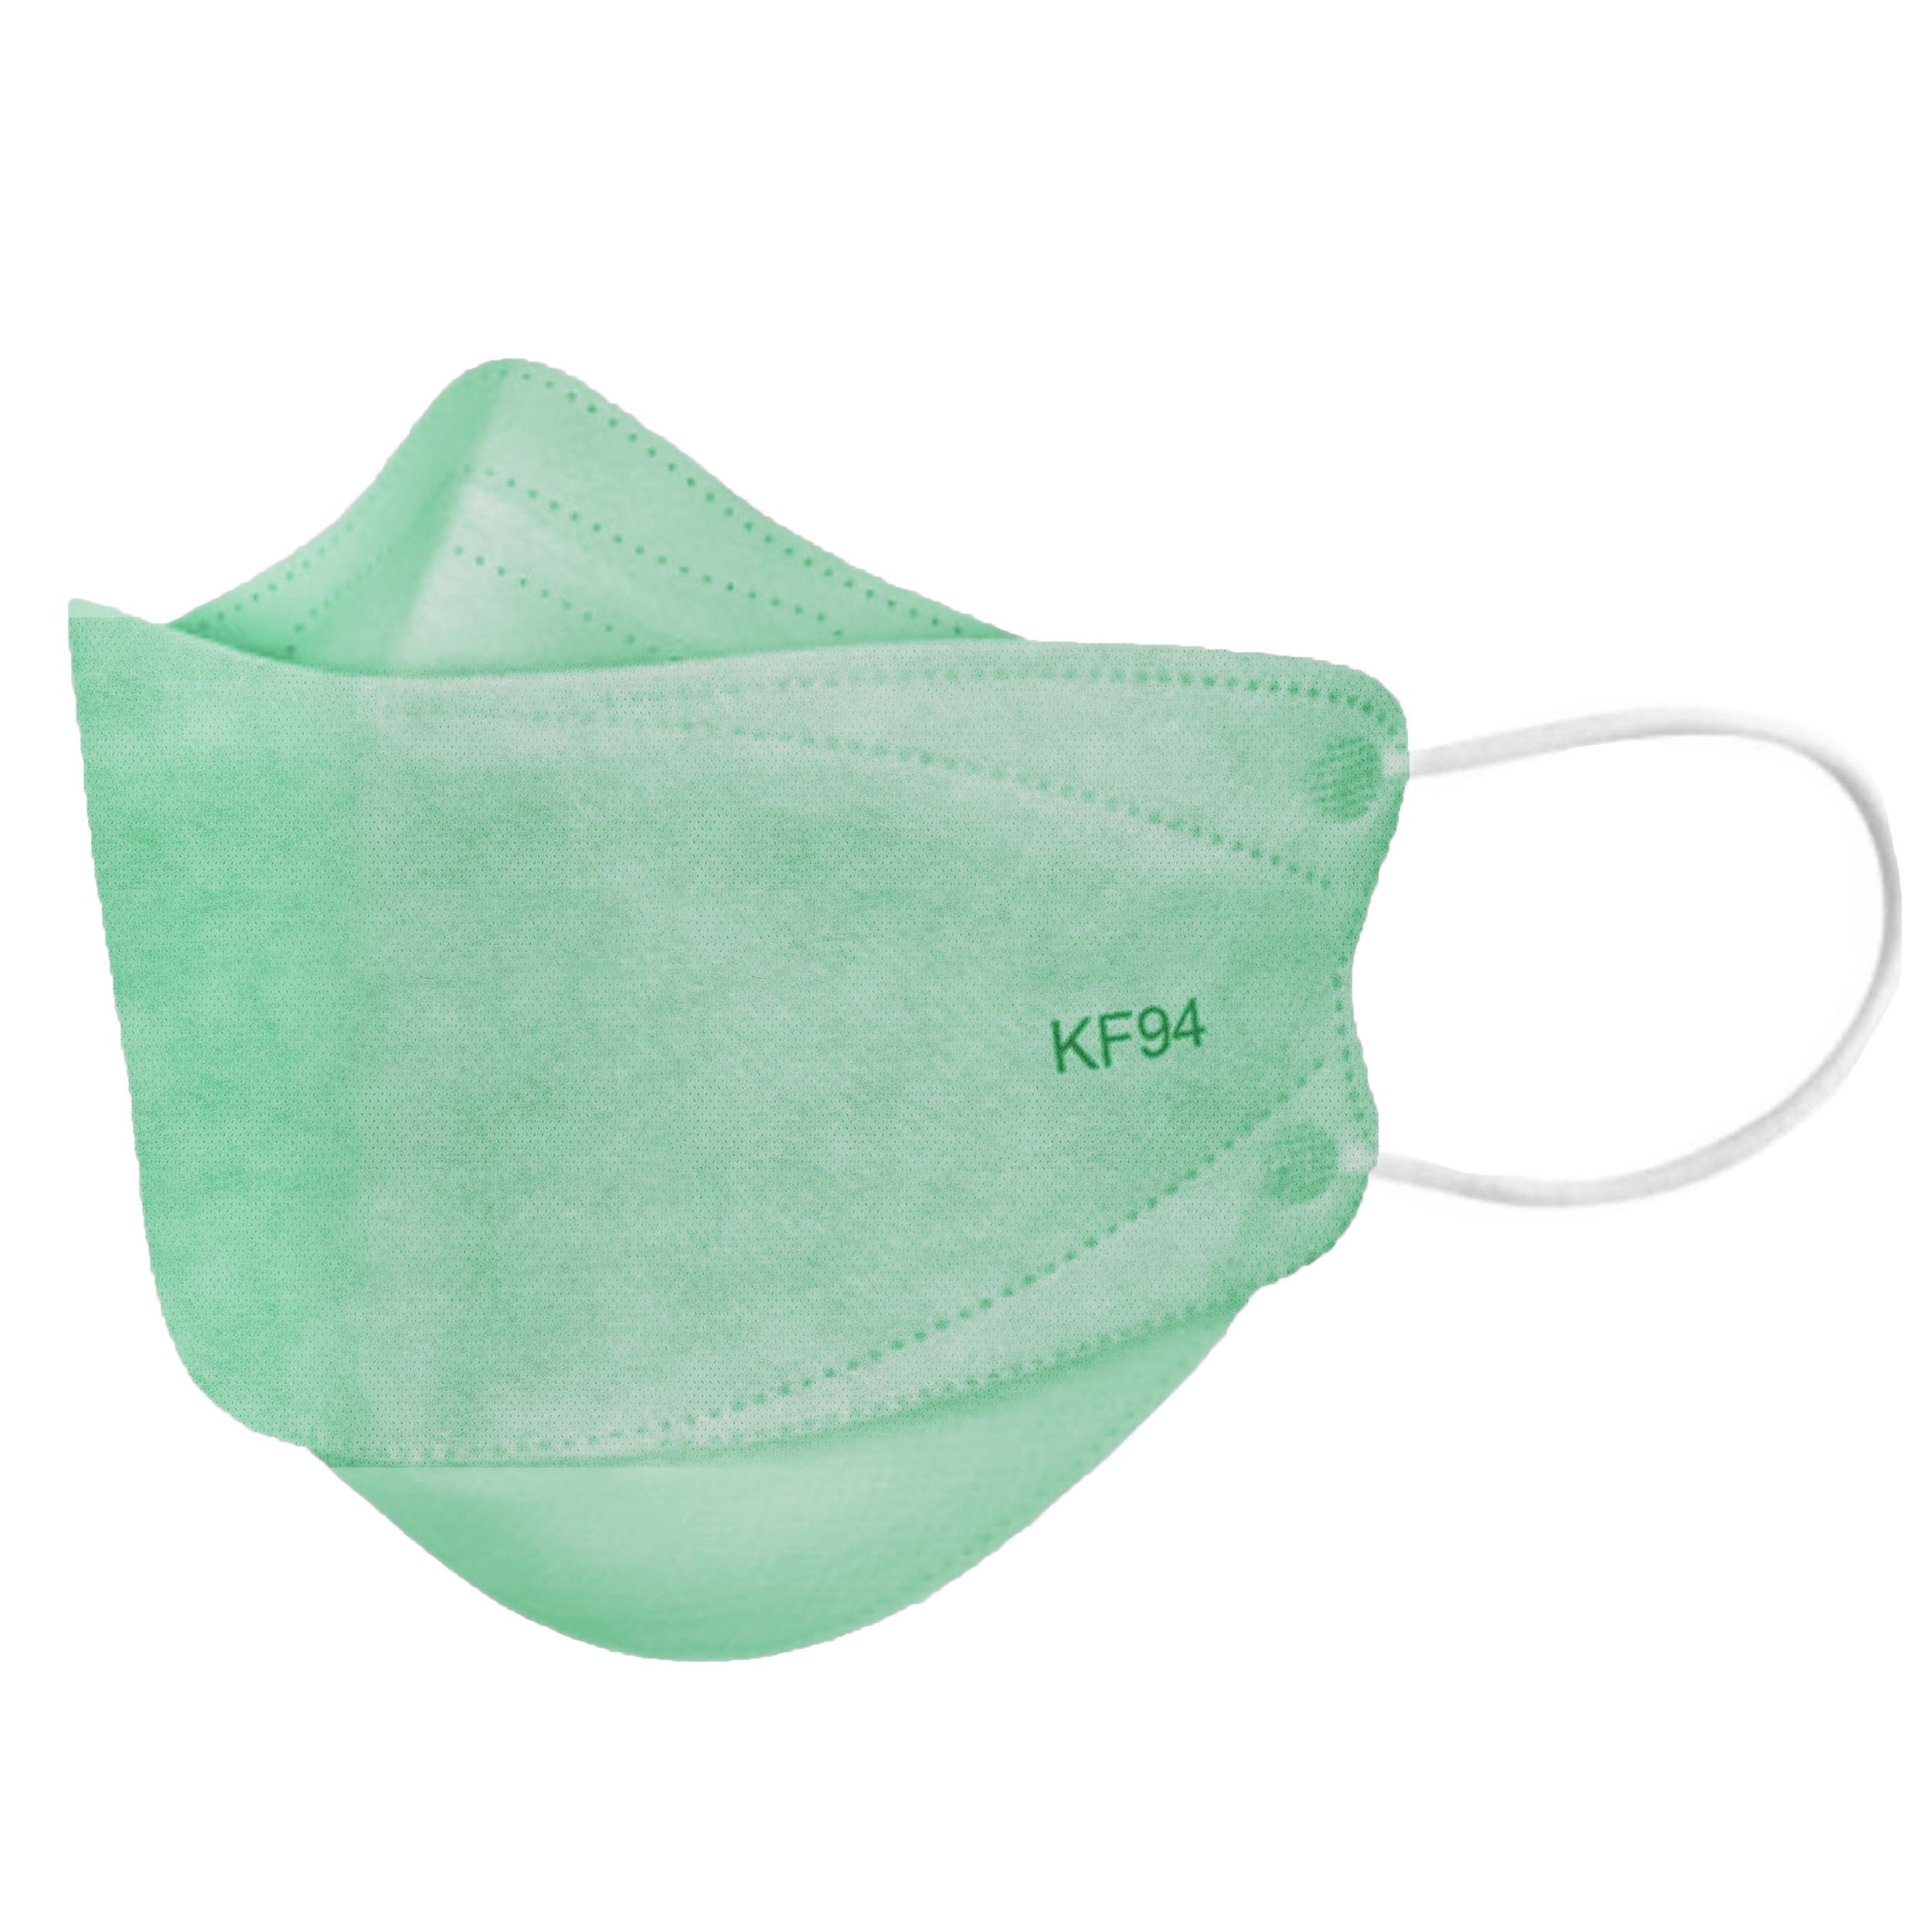 ماسک تنفسی کد 0063SA بسته 25 عددی